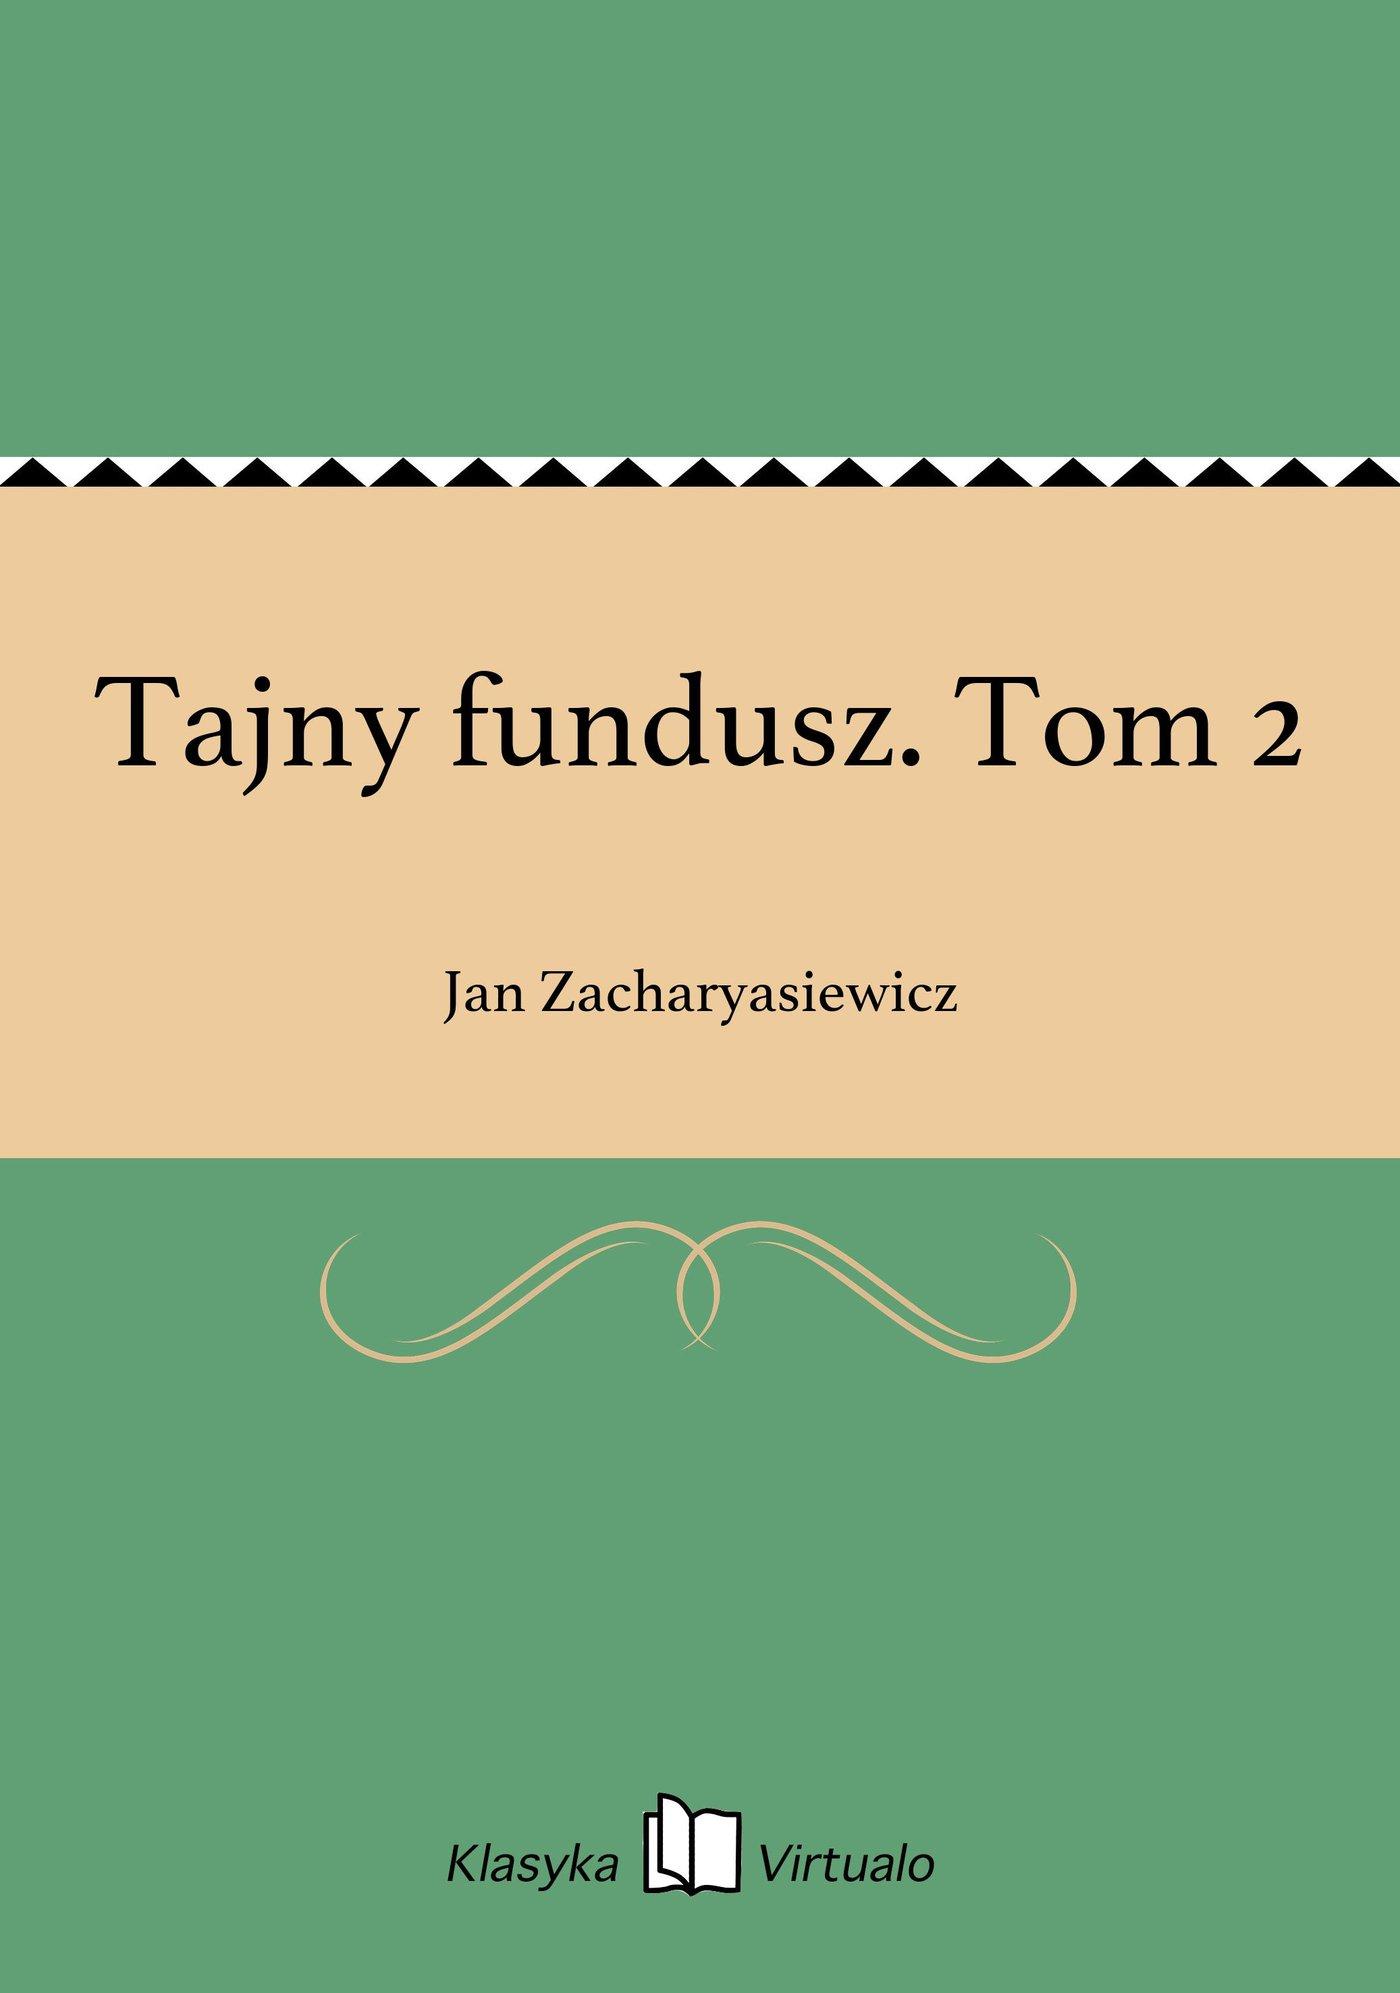 Tajny fundusz. Tom 2 - Ebook (Książka EPUB) do pobrania w formacie EPUB